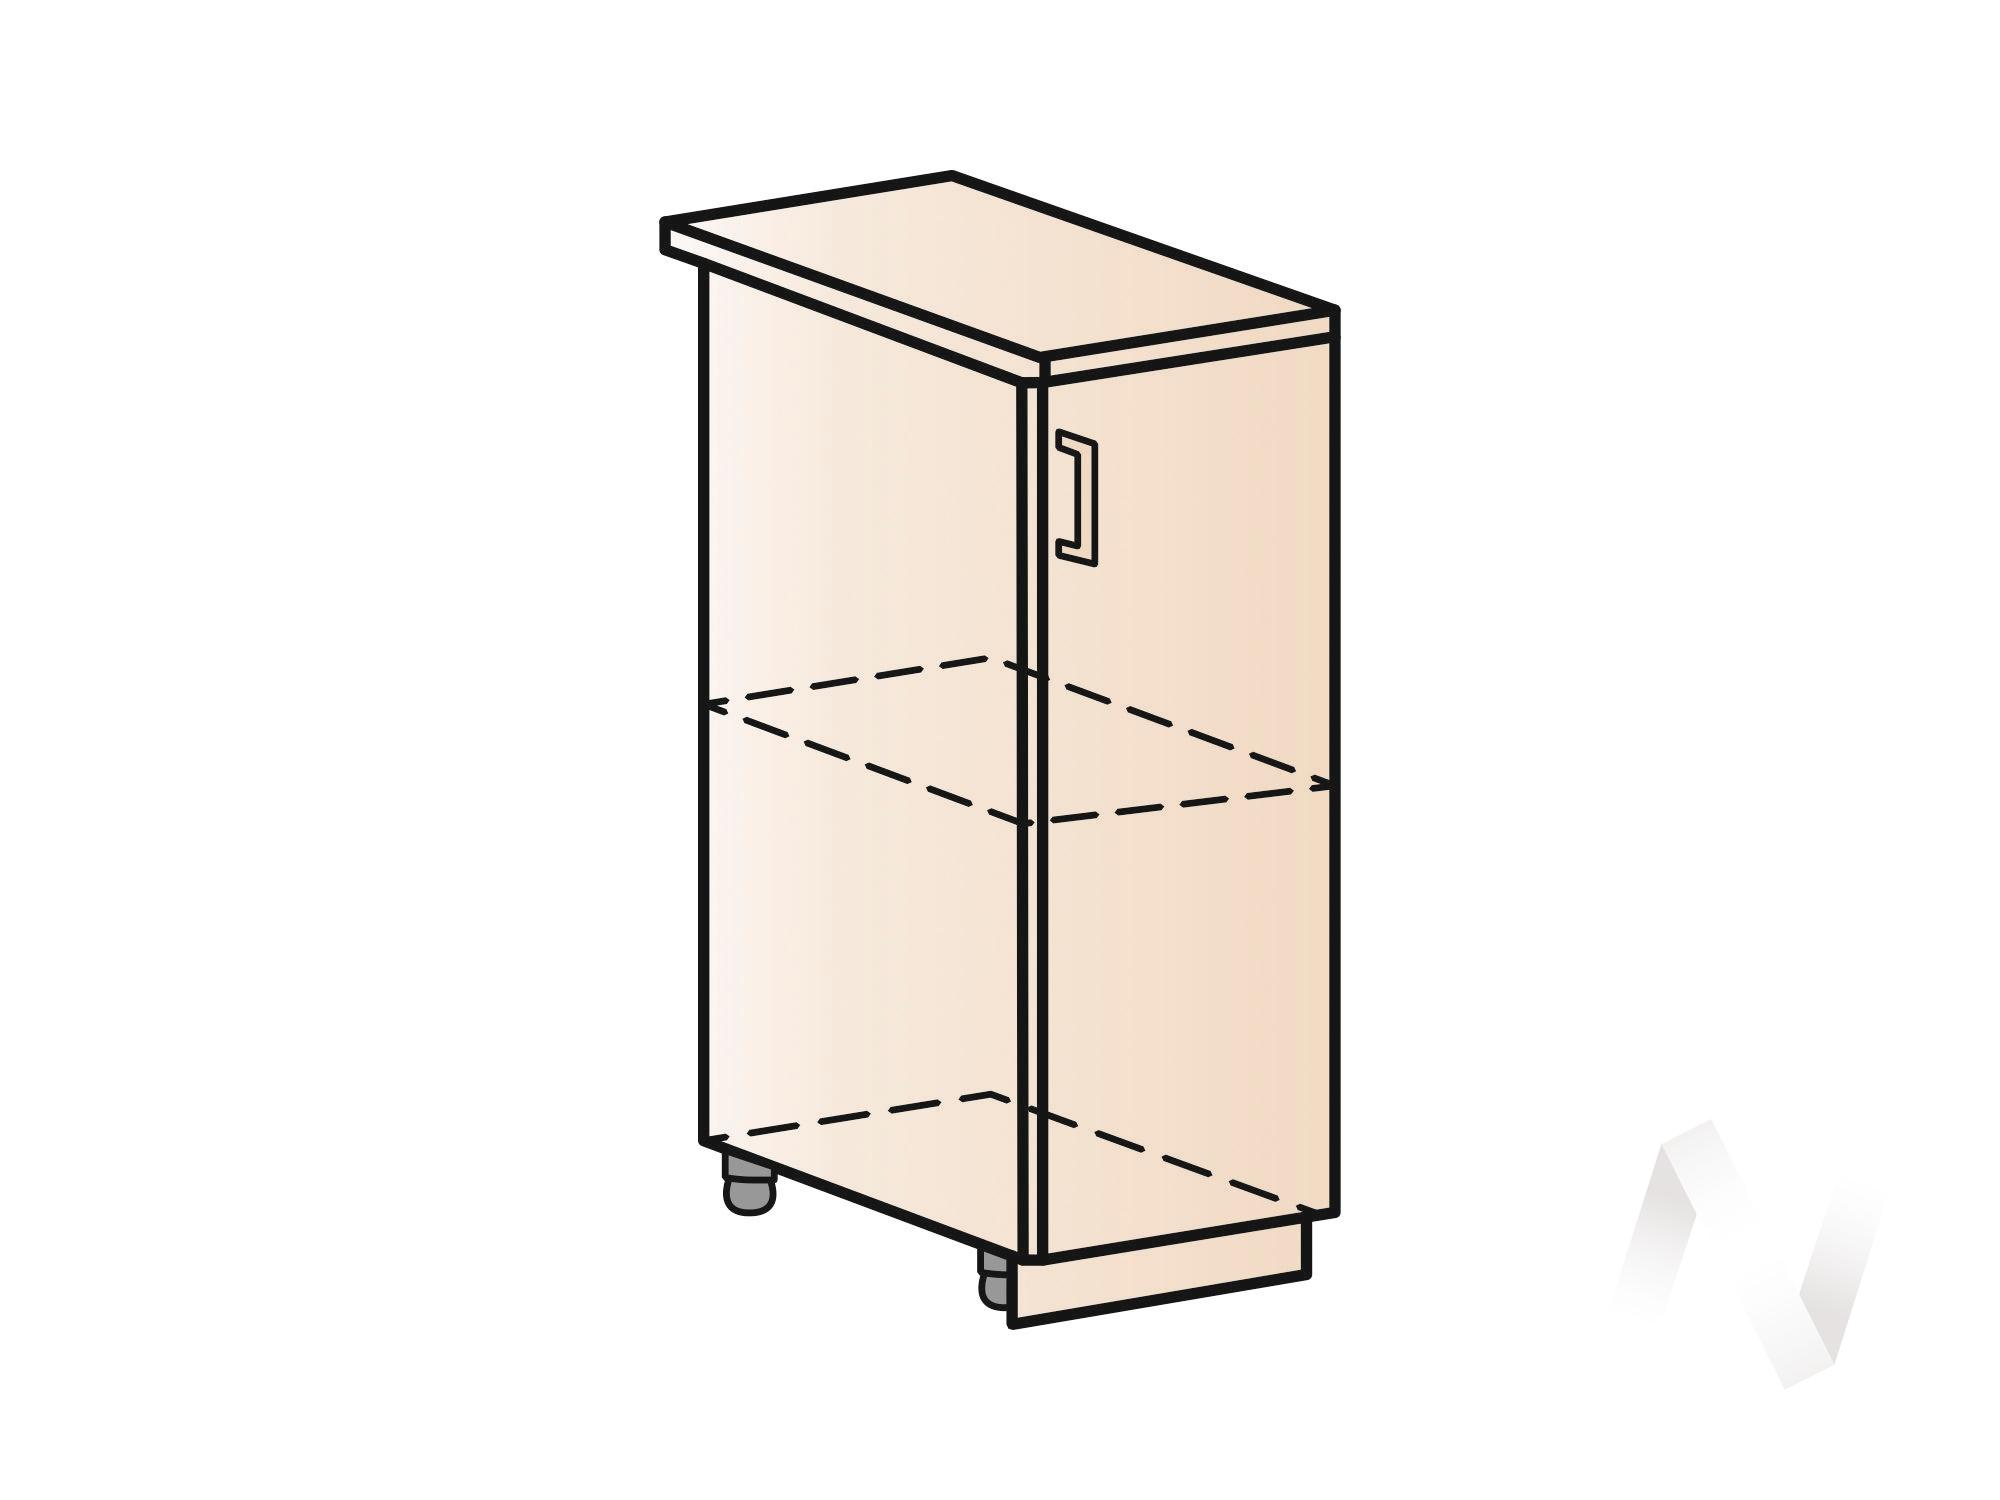 """Кухня """"Вена"""": Шкаф нижний 300, ШН 300 (корпус белый)  в Томске — интернет магазин МИРА-мебель"""